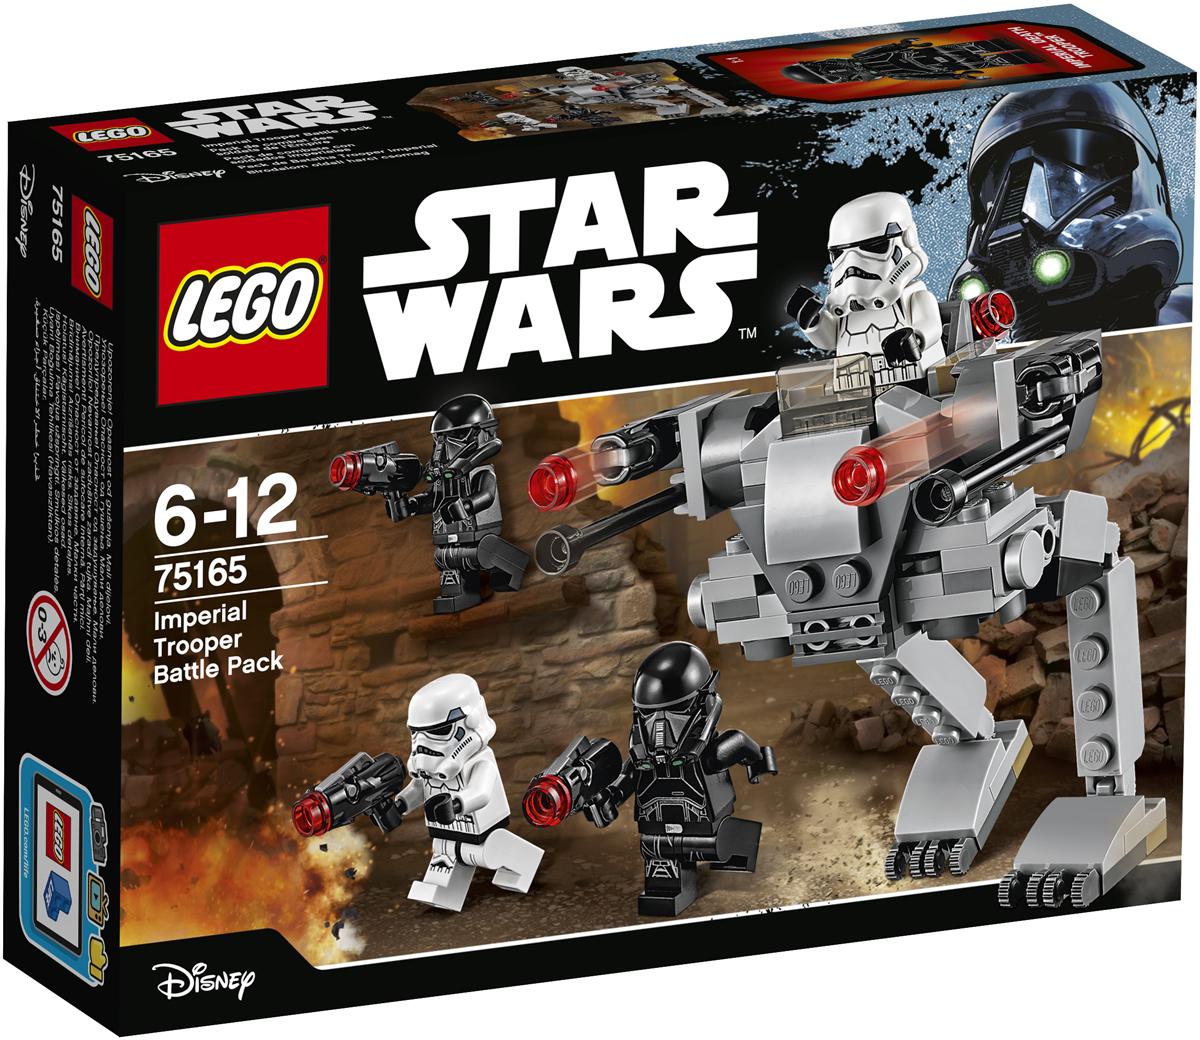 LEGO Star Wars Конструктор Боевой набор Империи 7516575165Залезайте в кабину шагохода Империи, зарядите пушки и отправляйтесь на задание: нанесите поражение этим надоедливым Повстанцам. А если вам понадобится помощь, вызовите штурмовиков, вооруженных бластерами. Тогда победа точно будет за нами! Набор включает в себя 112 разноцветных элементов и четыре минифигурки. Конструктор - это один из самых увлекательных и веселых способов времяпрепровождения. Ребенок сможет часами играть с конструктором, придумывая различные ситуации и истории.